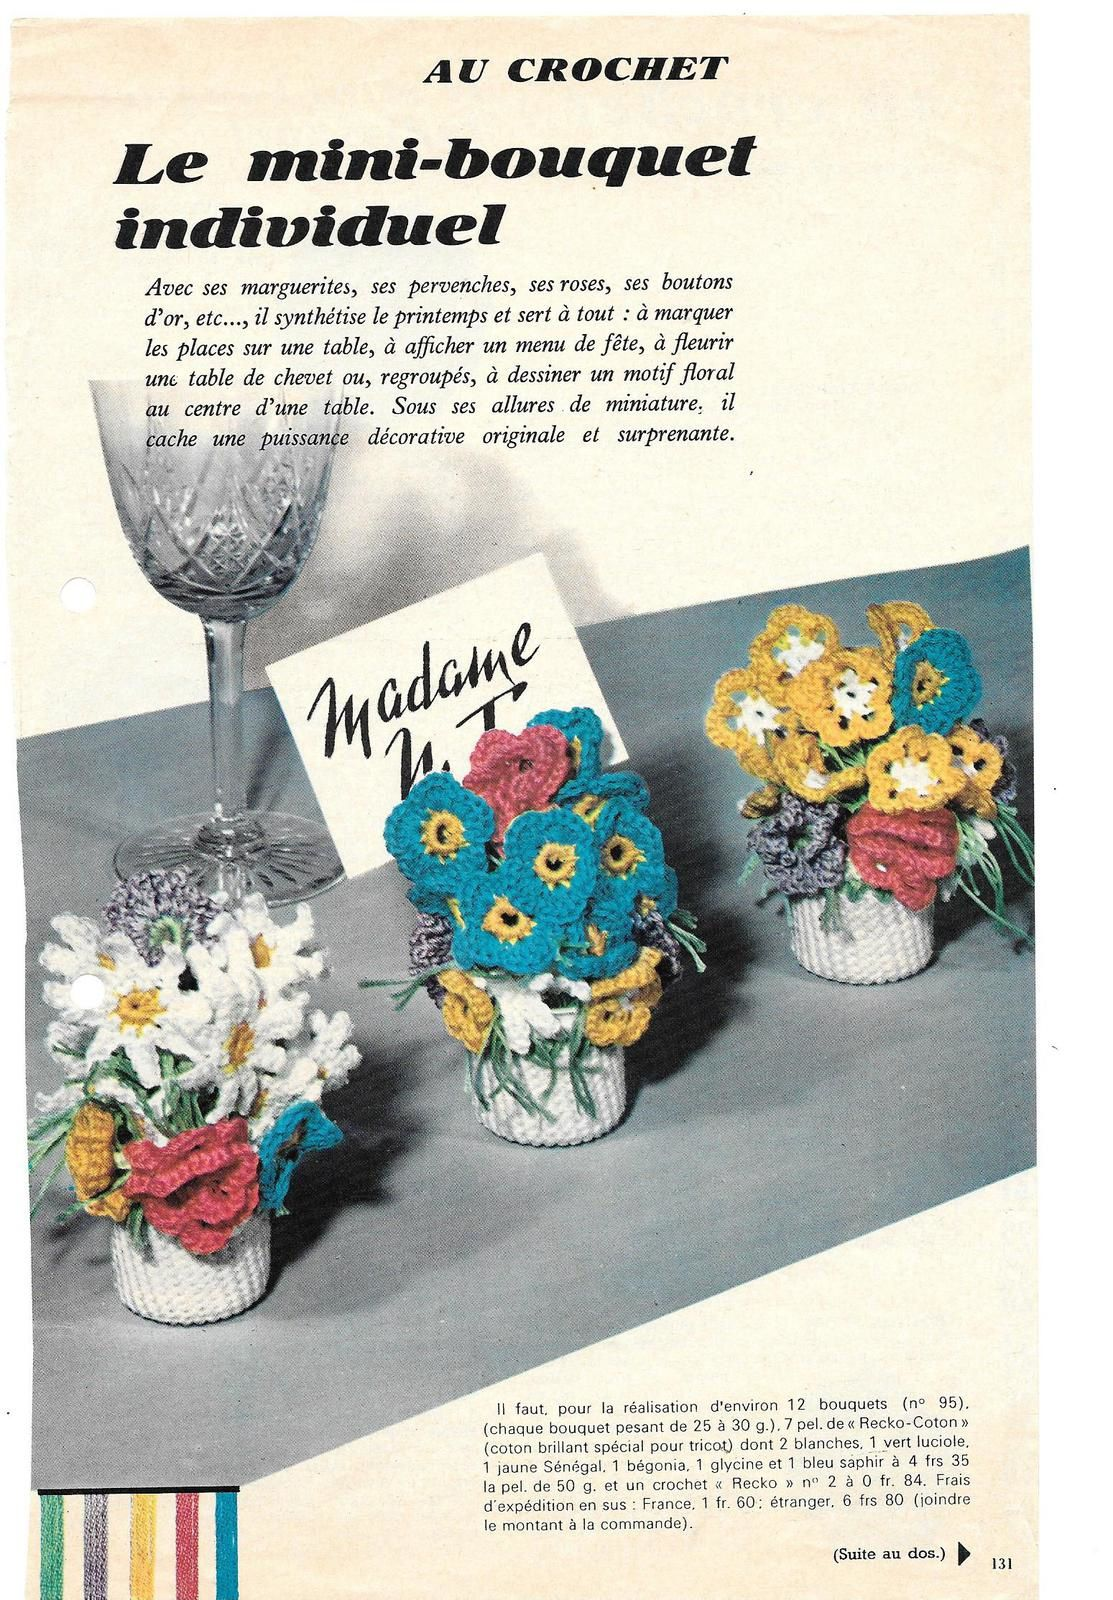 mini-bouquets de fleurs au crochet (pots et fleurs)